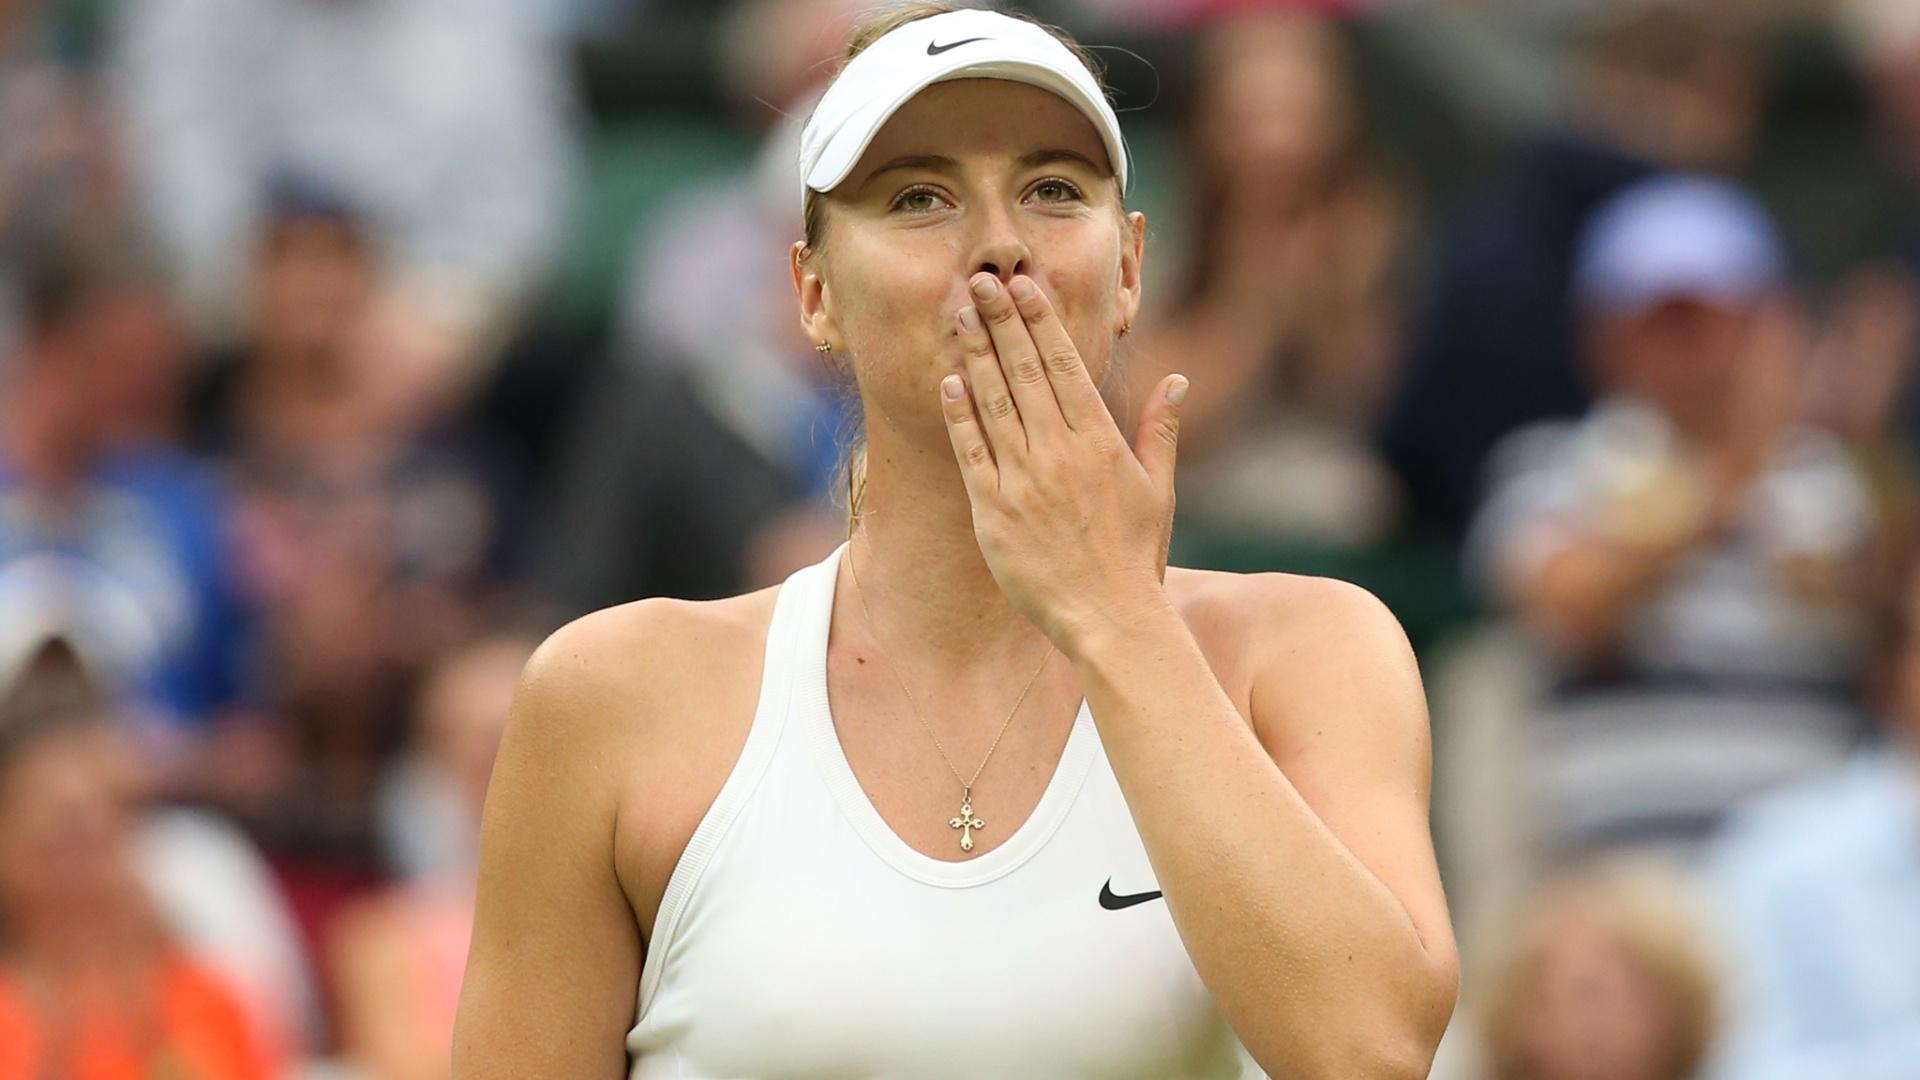 Maria Sharapova comoemora vitória sobre Alison Riske mandando beijinho para a torcida de Wimbledon